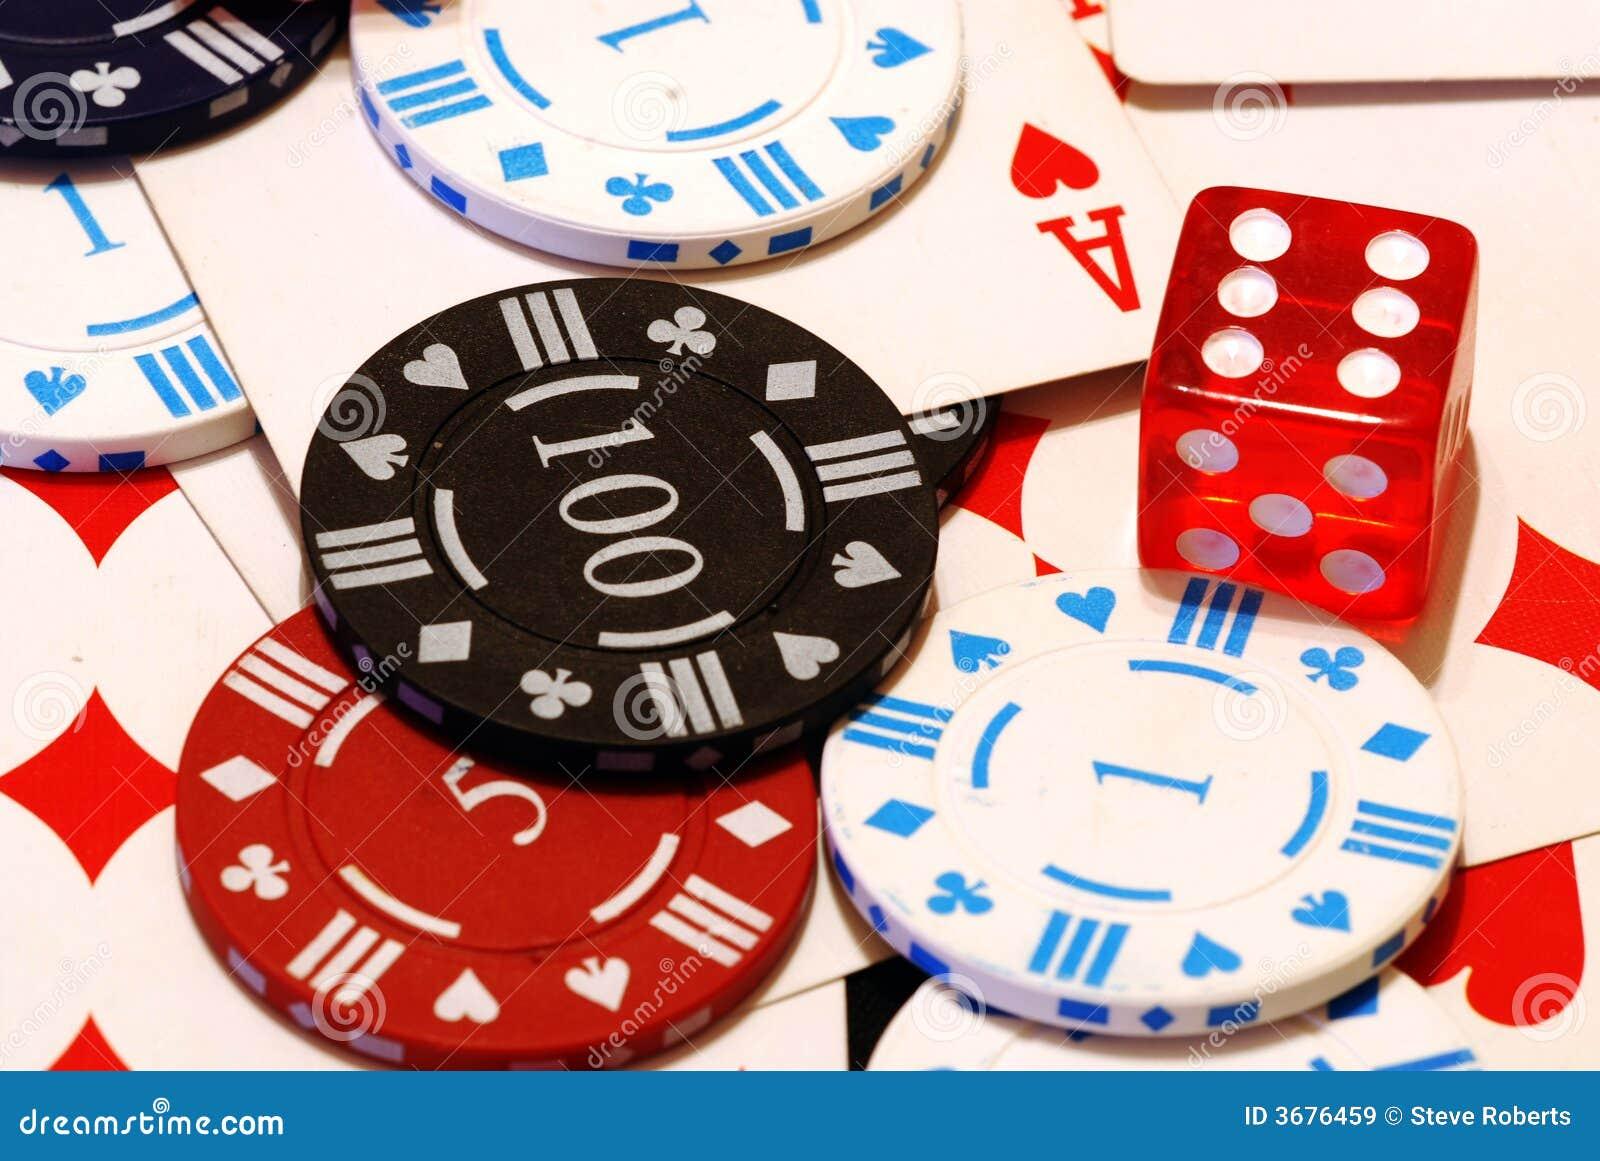 Download I Chip Di Mazza, Schede & Muoiono Immagine Stock - Immagine di chip, chips: 3676459